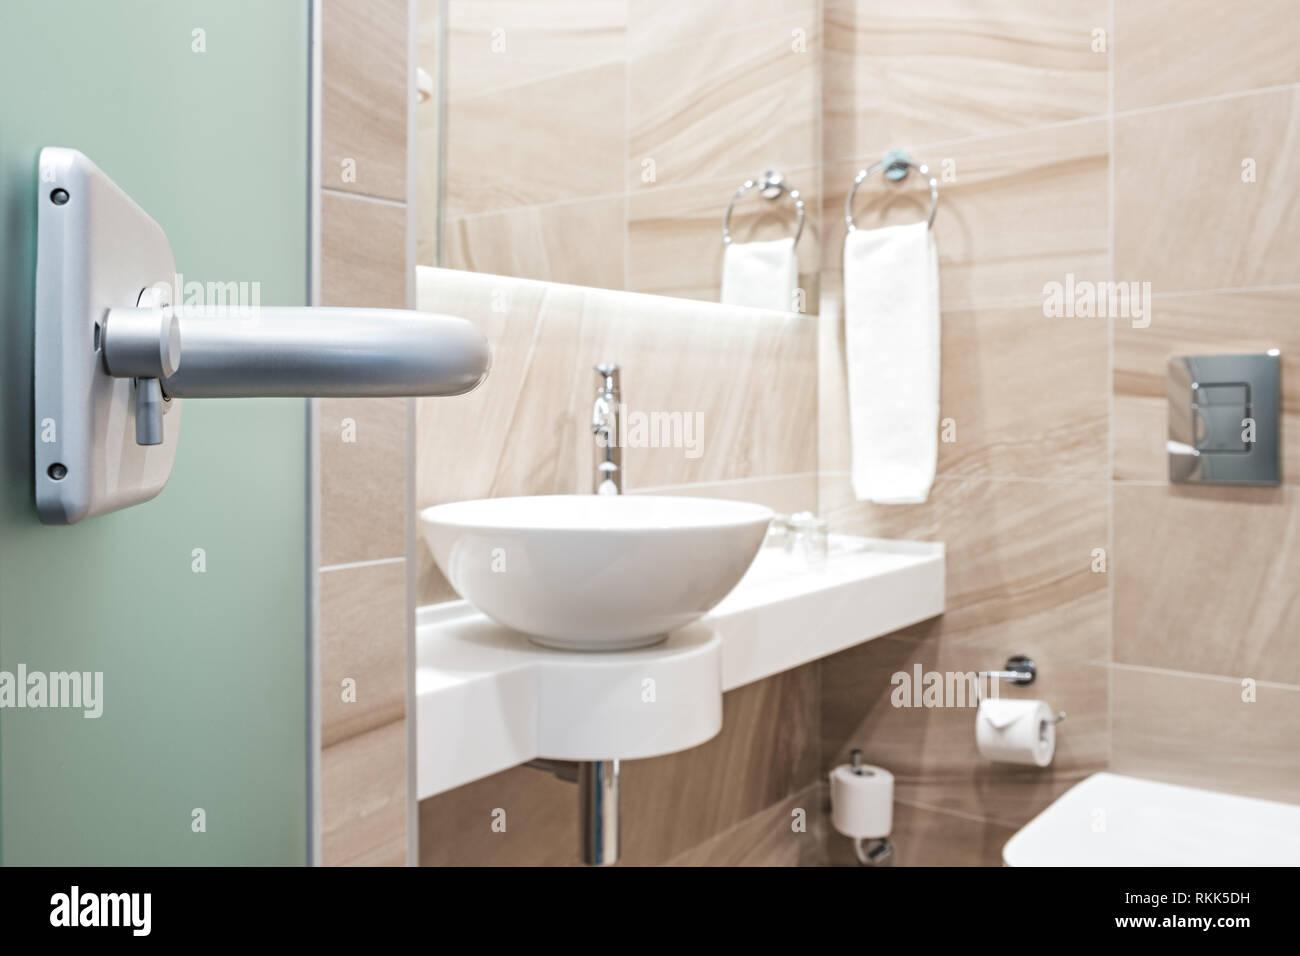 Öffnen Glastür zum Badezimmer Stockfoto, Bild: 235834637 - Alamy